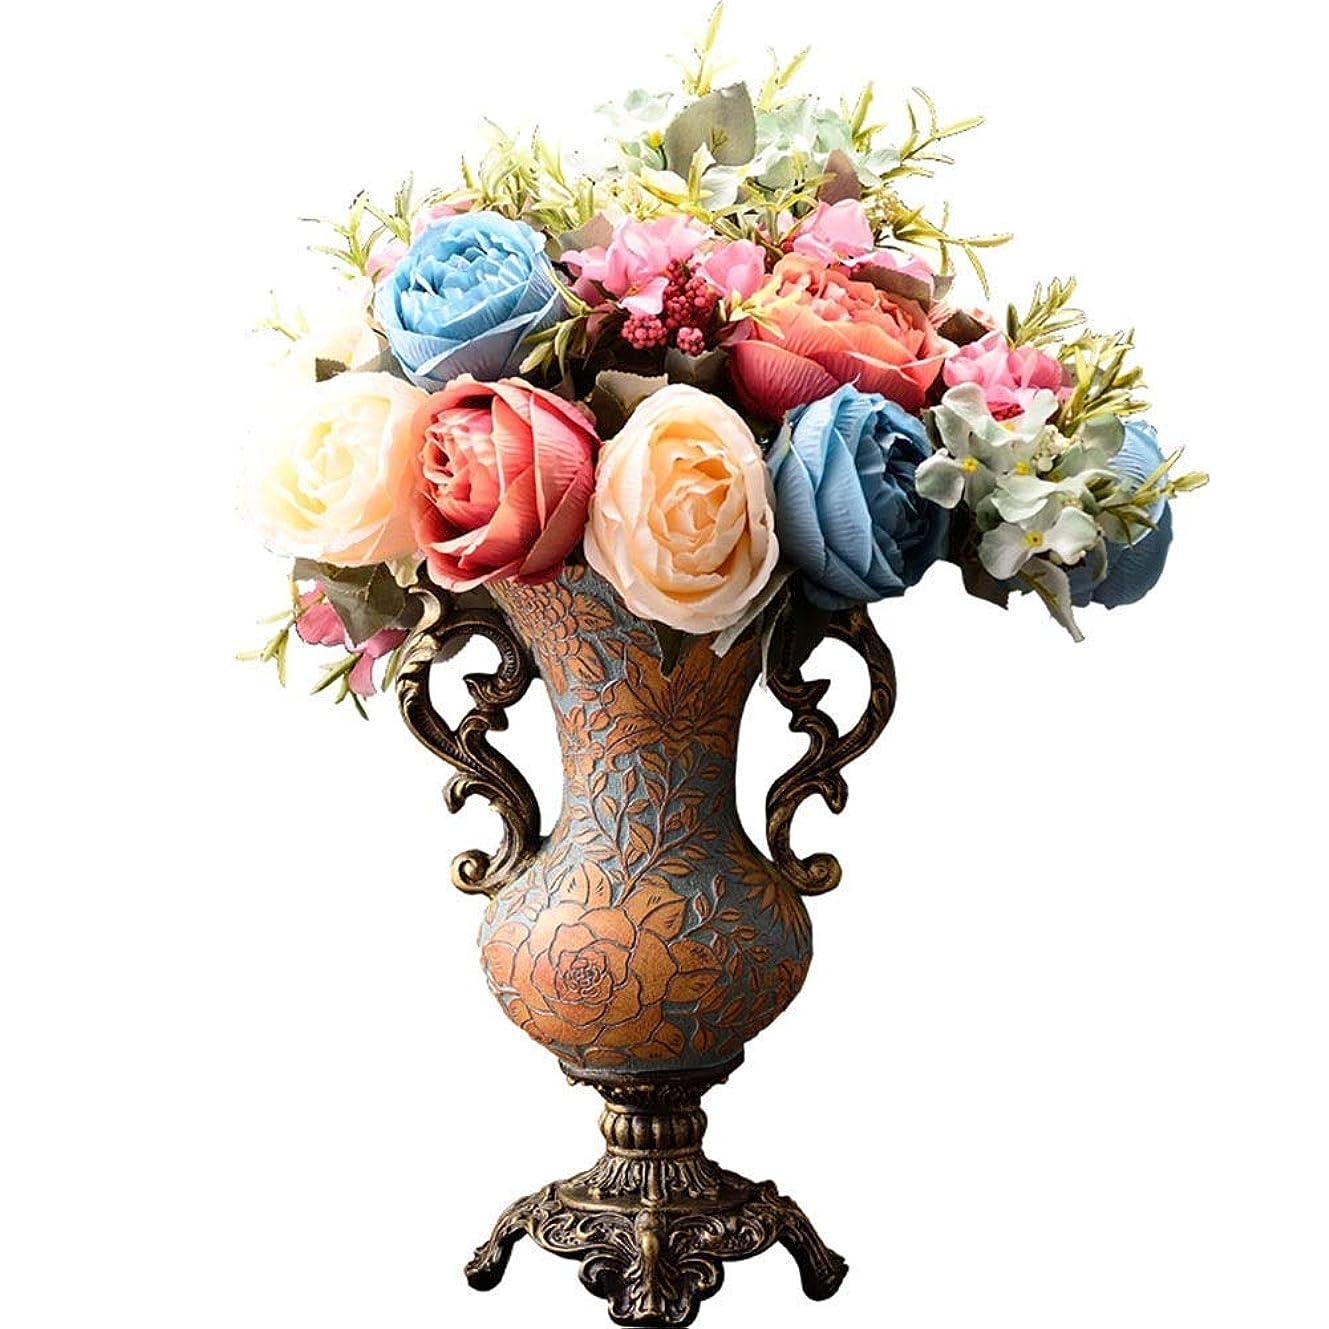 セマフォ位置づけるはちみつ花瓶 ルーム表目玉ベッドルームオフィスホテルホームデコレーション人工フラワーアレンジメントブーケ樹脂